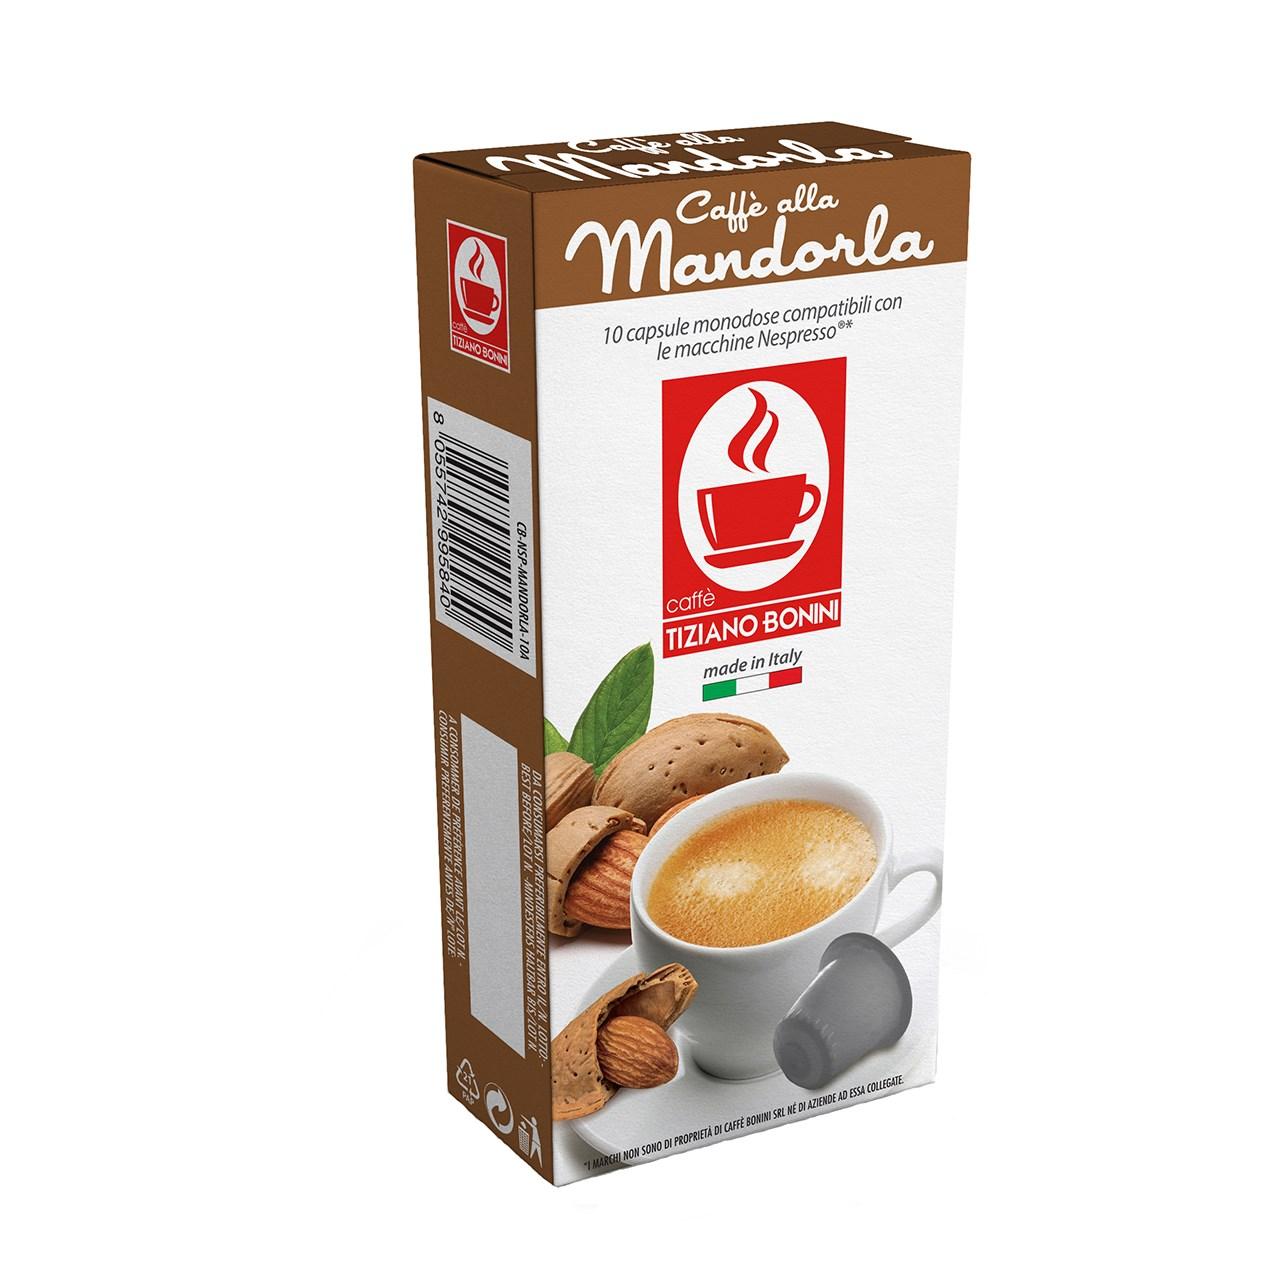 کپسول قهوه تیزیانو بونینی مدل Mandorla